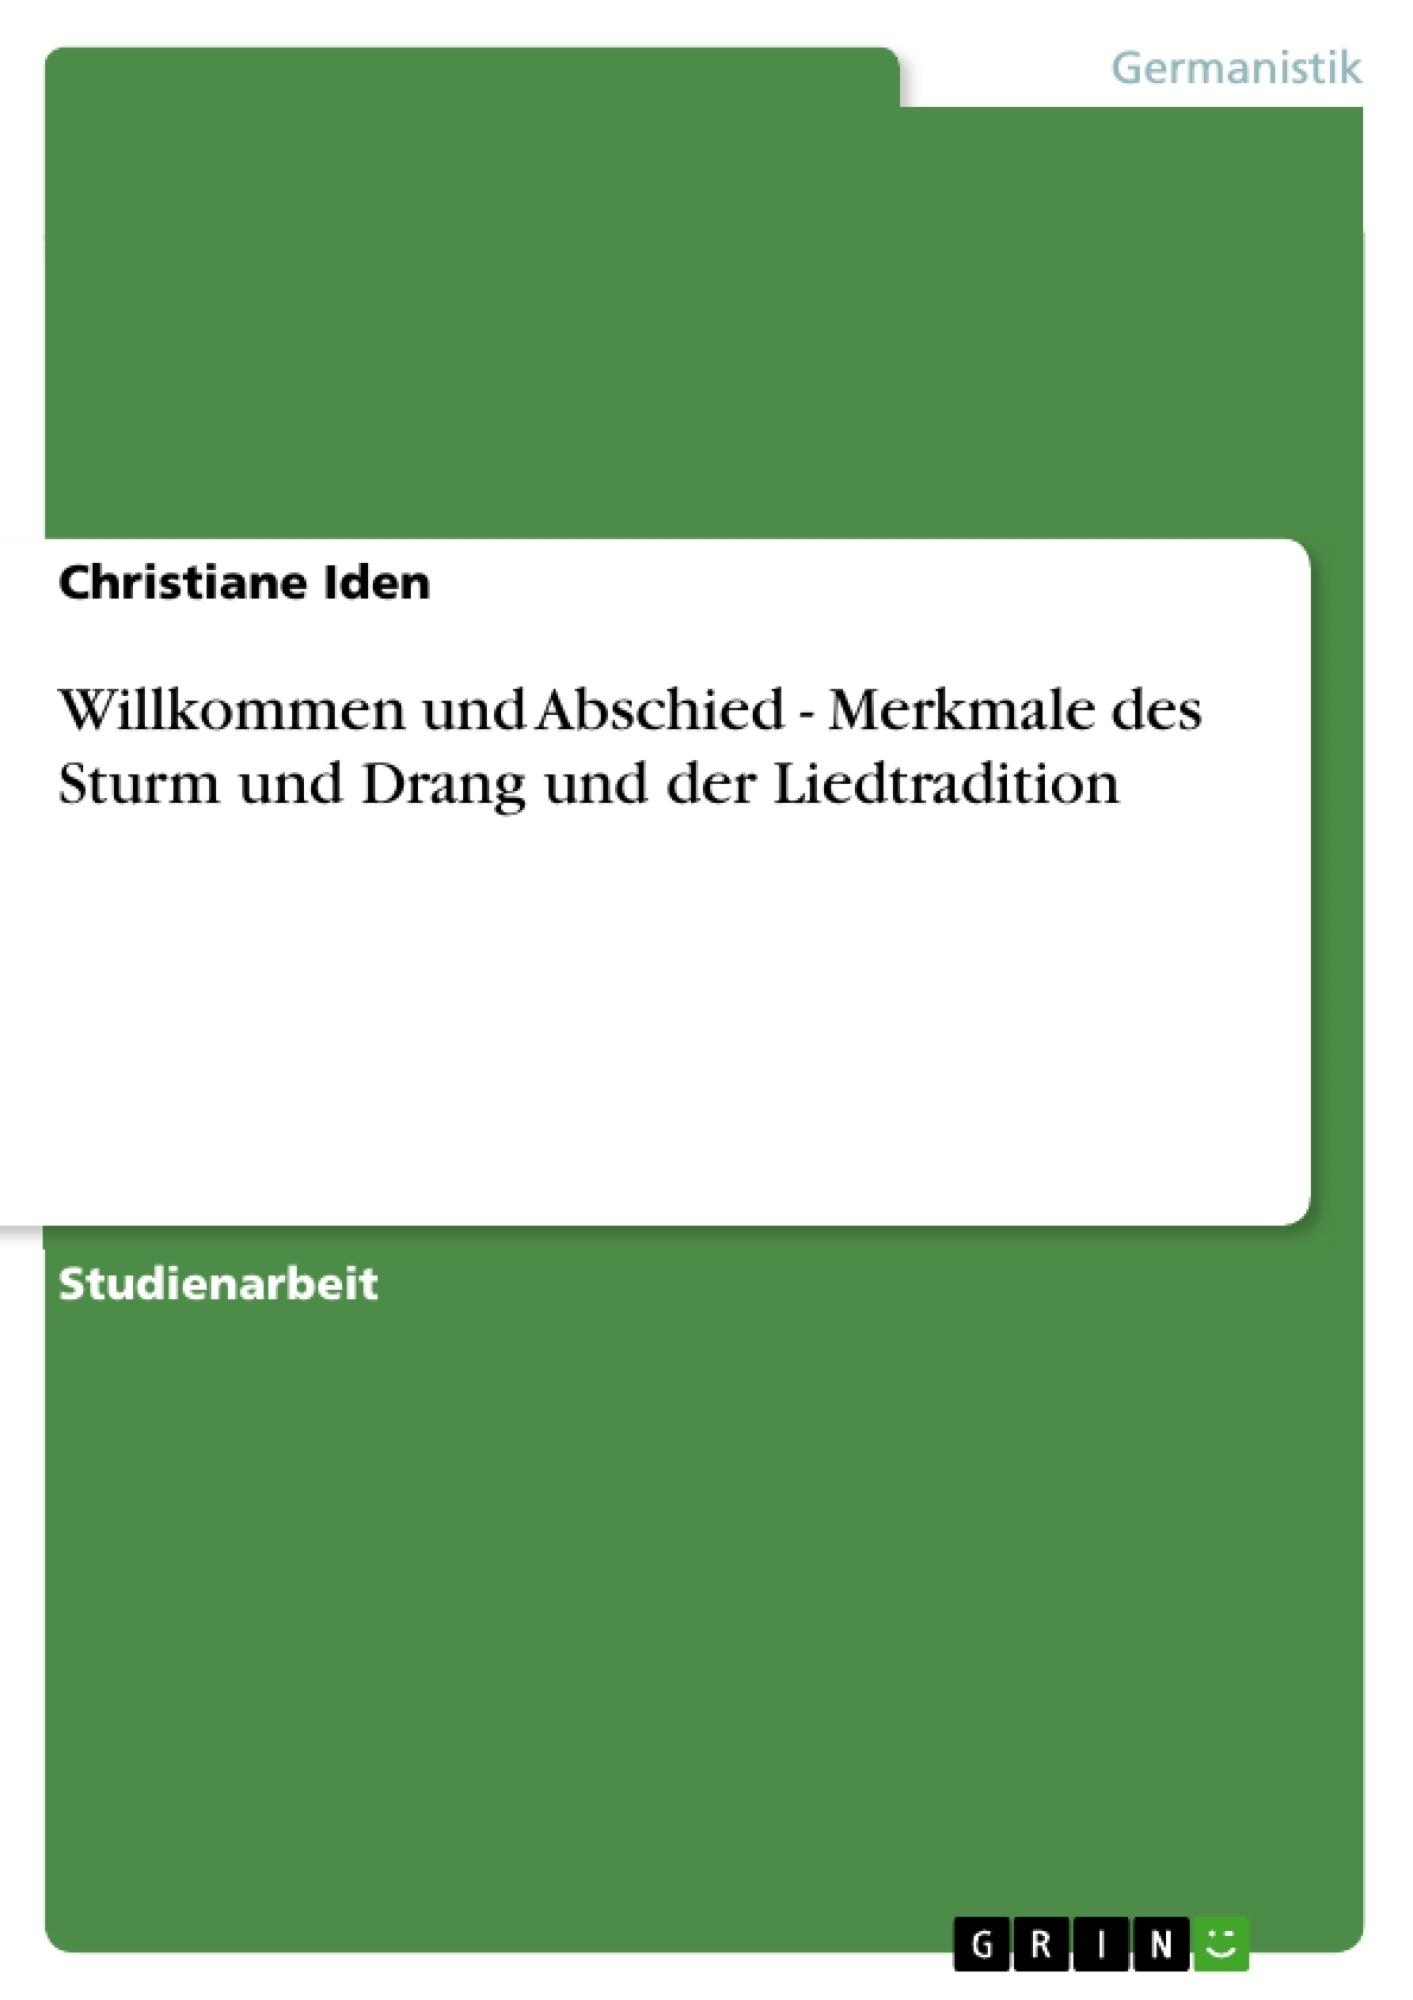 Titel: Willkommen und Abschied - Merkmale des Sturm und Drang und der Liedtradition